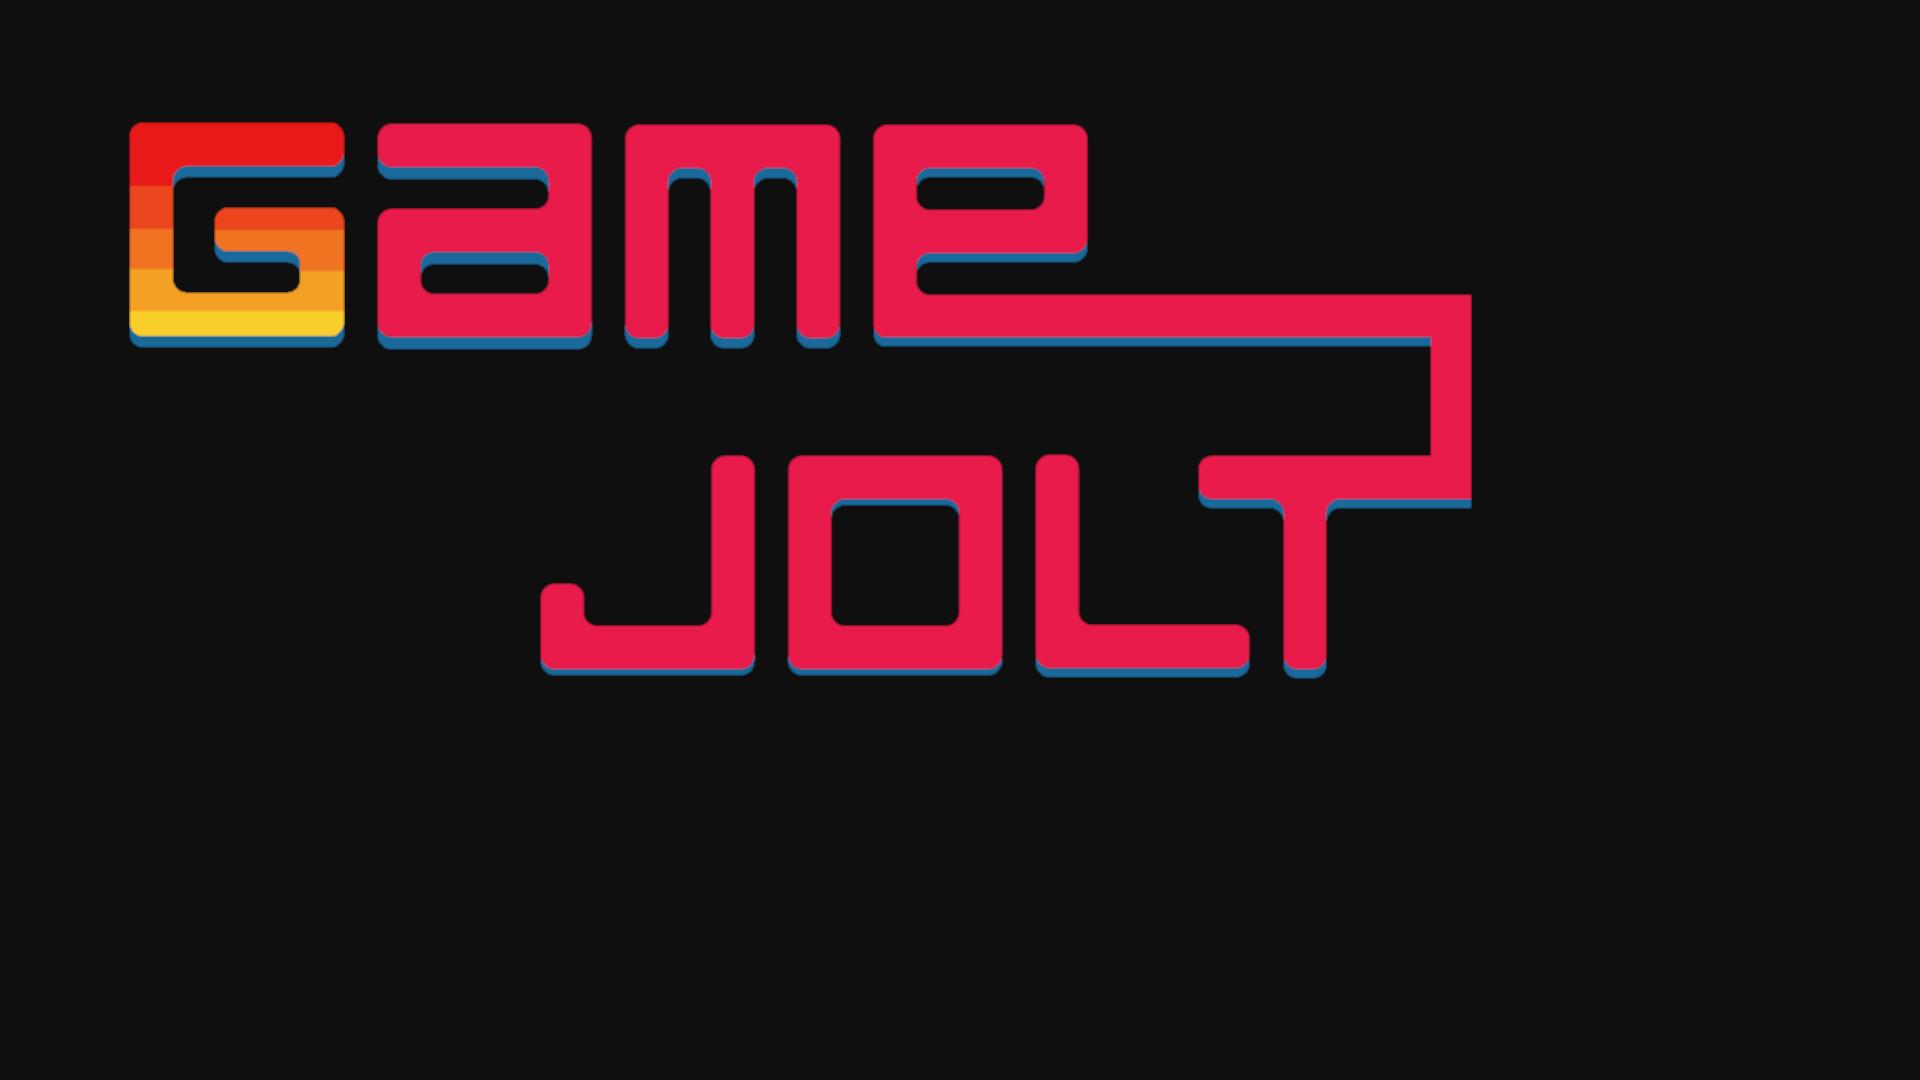 Game Jolt wallpaper